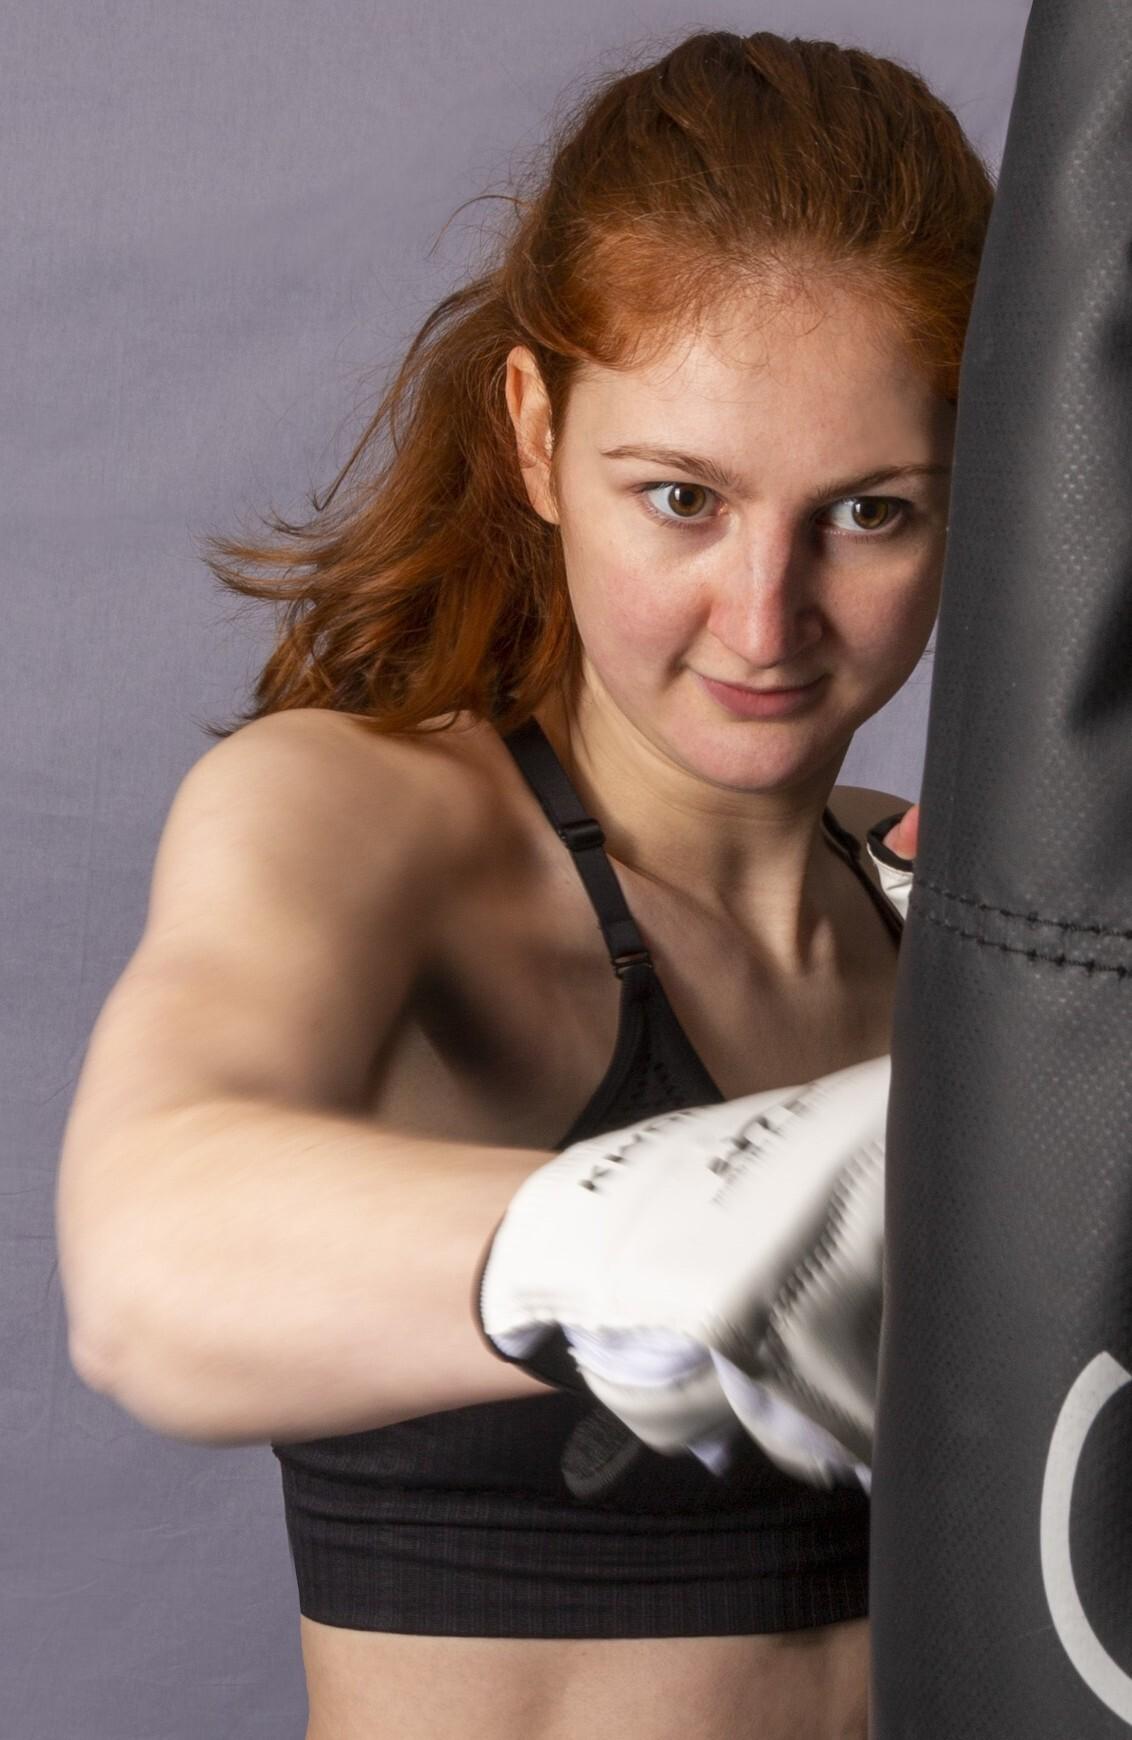 Stootkracht - Fotograferen tijden een bokszak training. - foto door Rohan600 op 05-04-2021 - deze foto bevat: sport, portret, actie, stoten, bokszak